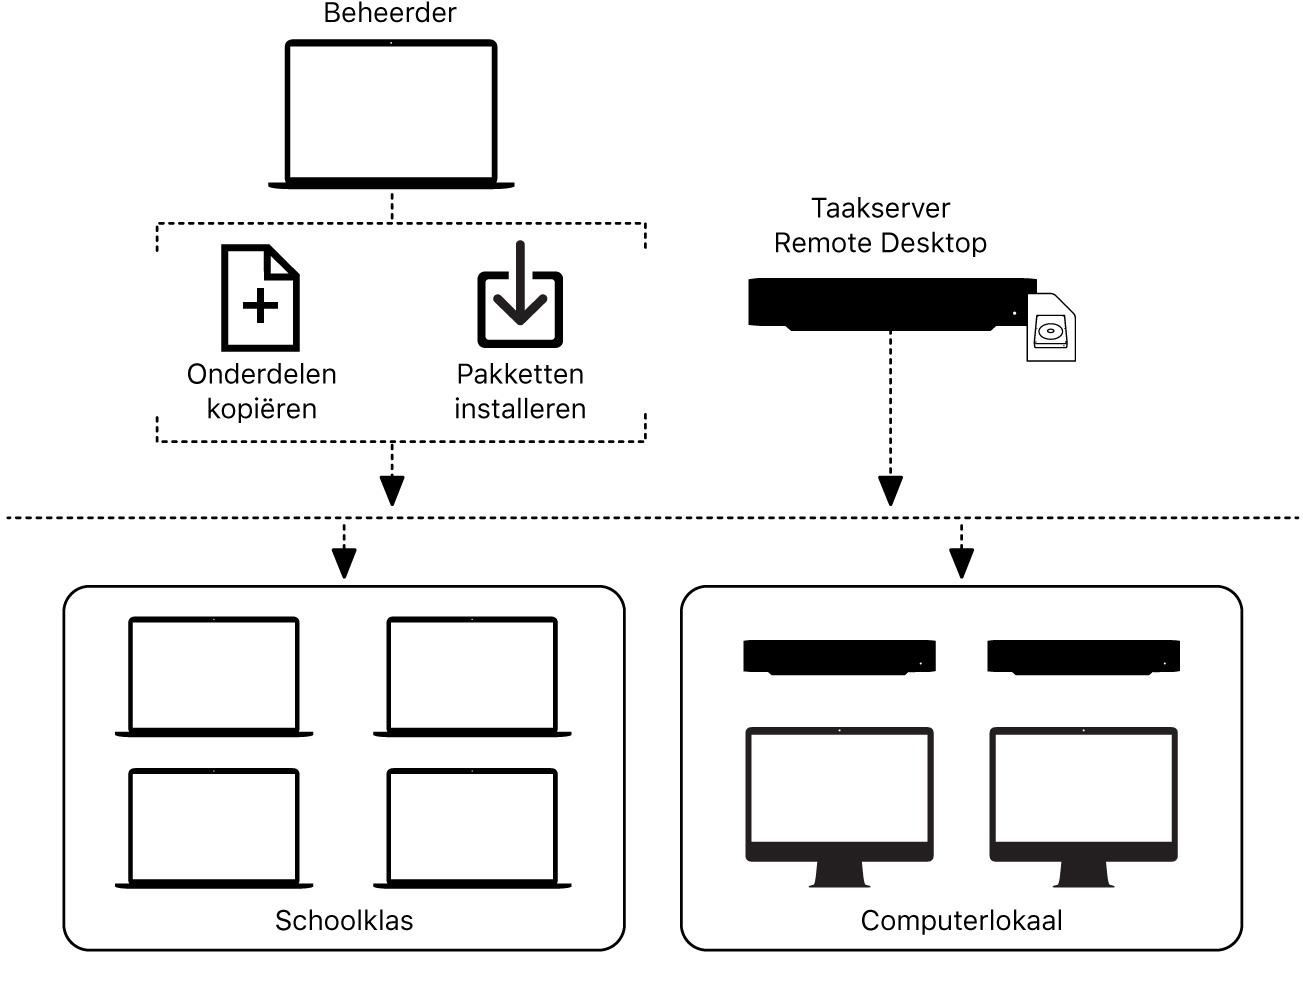 Je kunt met Remote Desktop bestanden naar externe computers kopiëren of er pakketten op installeren.